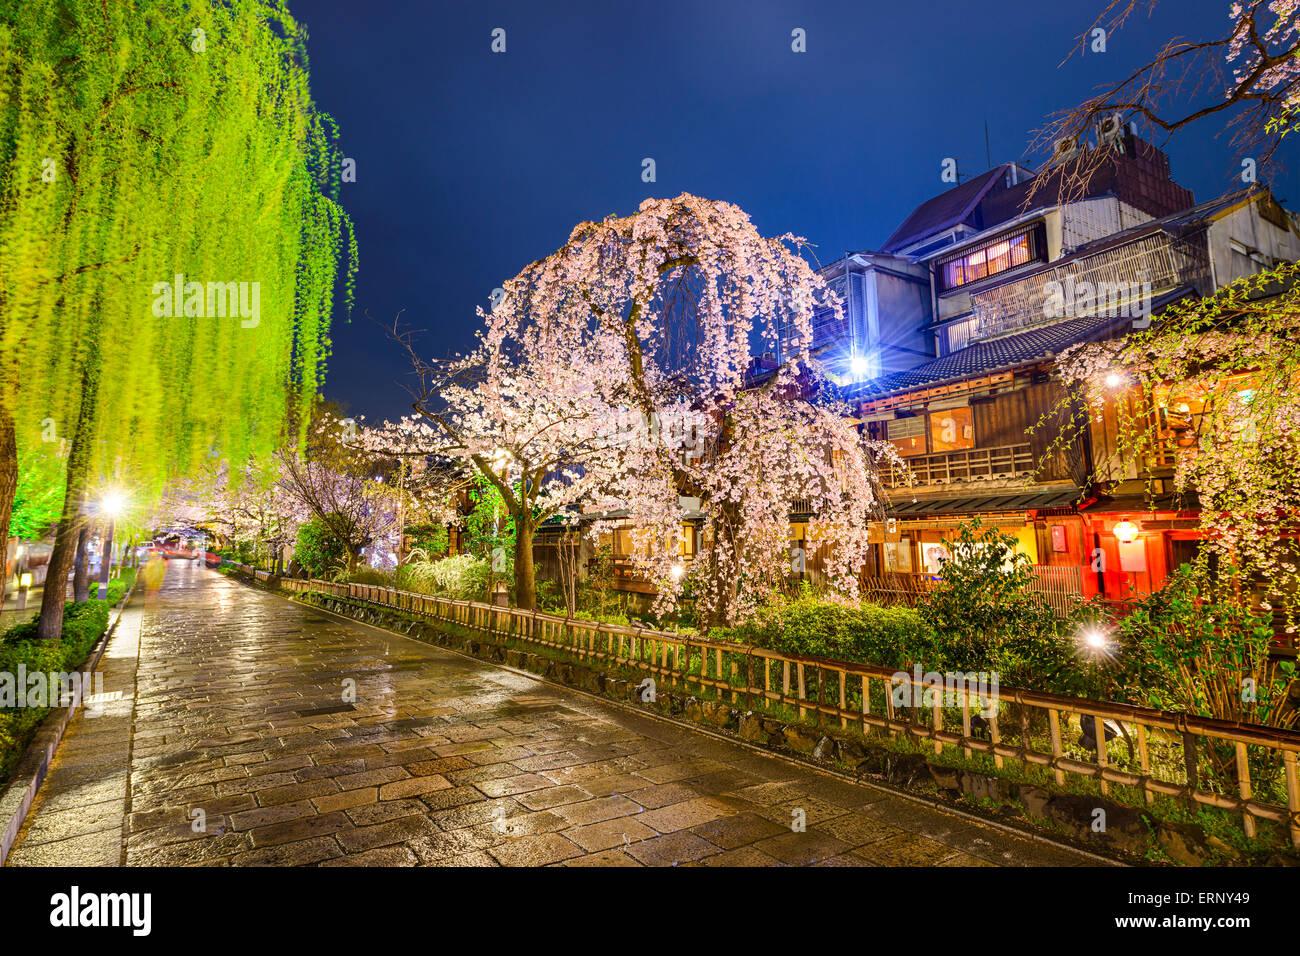 Kyoto, Japan at the historic Shirakawa District during the spring season. - Stock Image